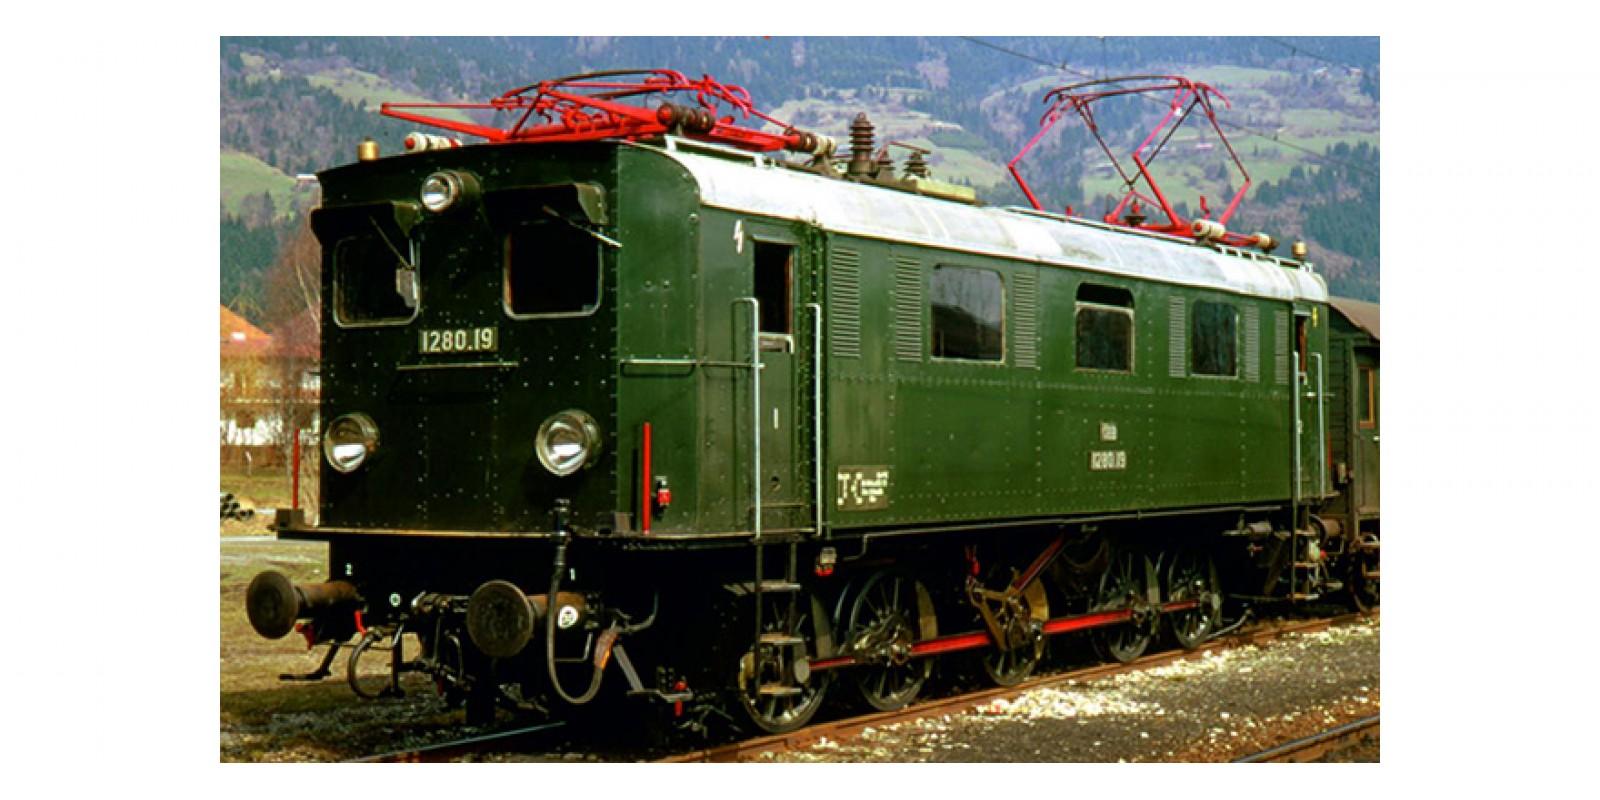 JA12502 H0 AC E-Lok 1280.19 Sound